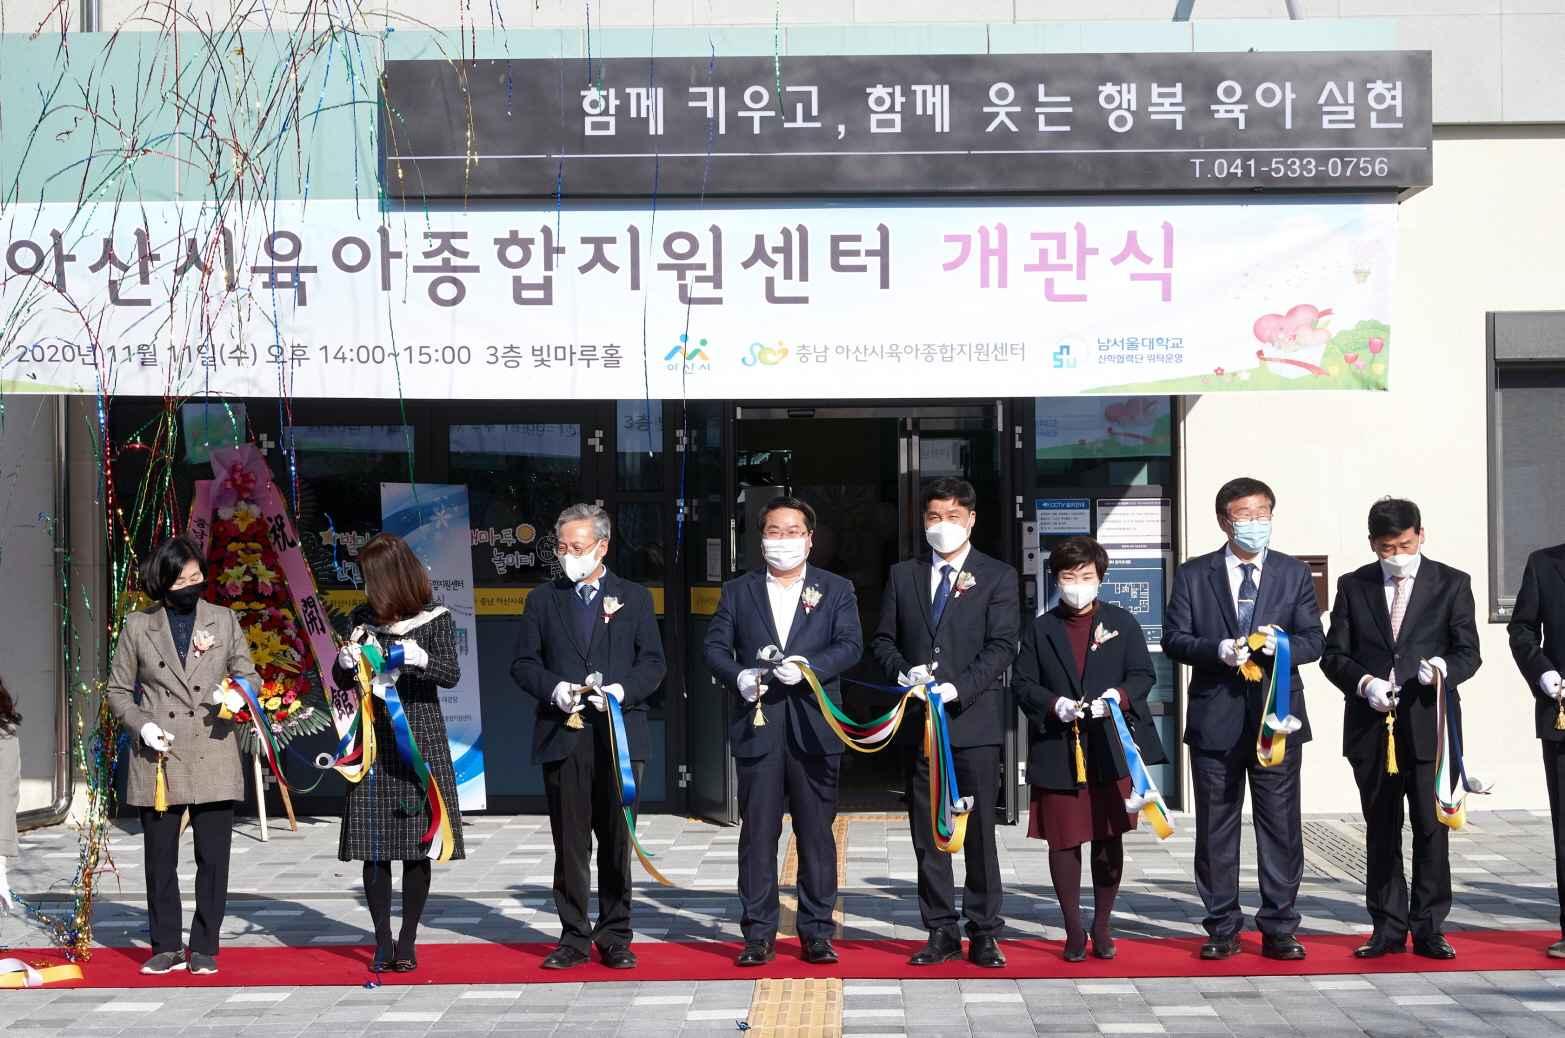 아산시, 육아종합지원센터 개관 관련사진